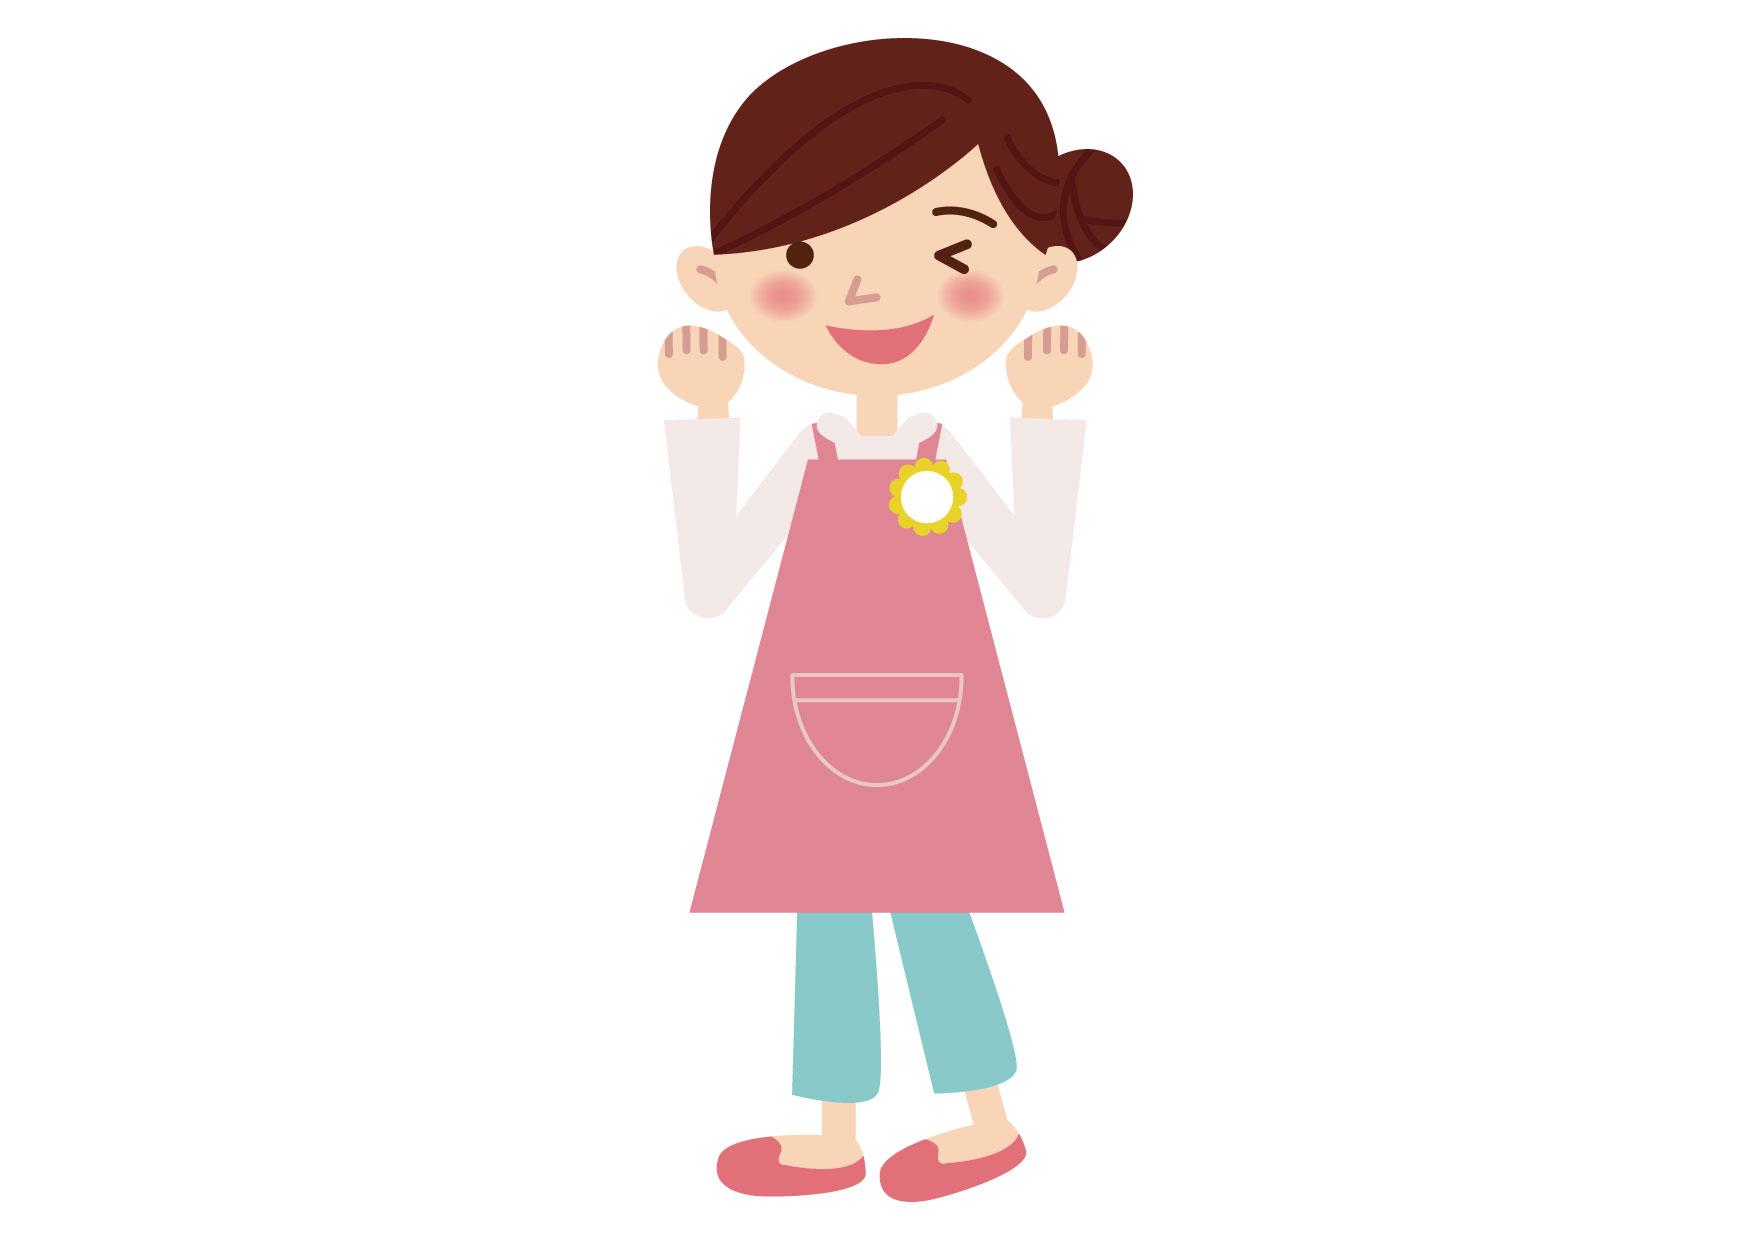 可愛いイラスト無料|保育士 女性 ガッツポーズ − free illustration Childcare woman guts pose